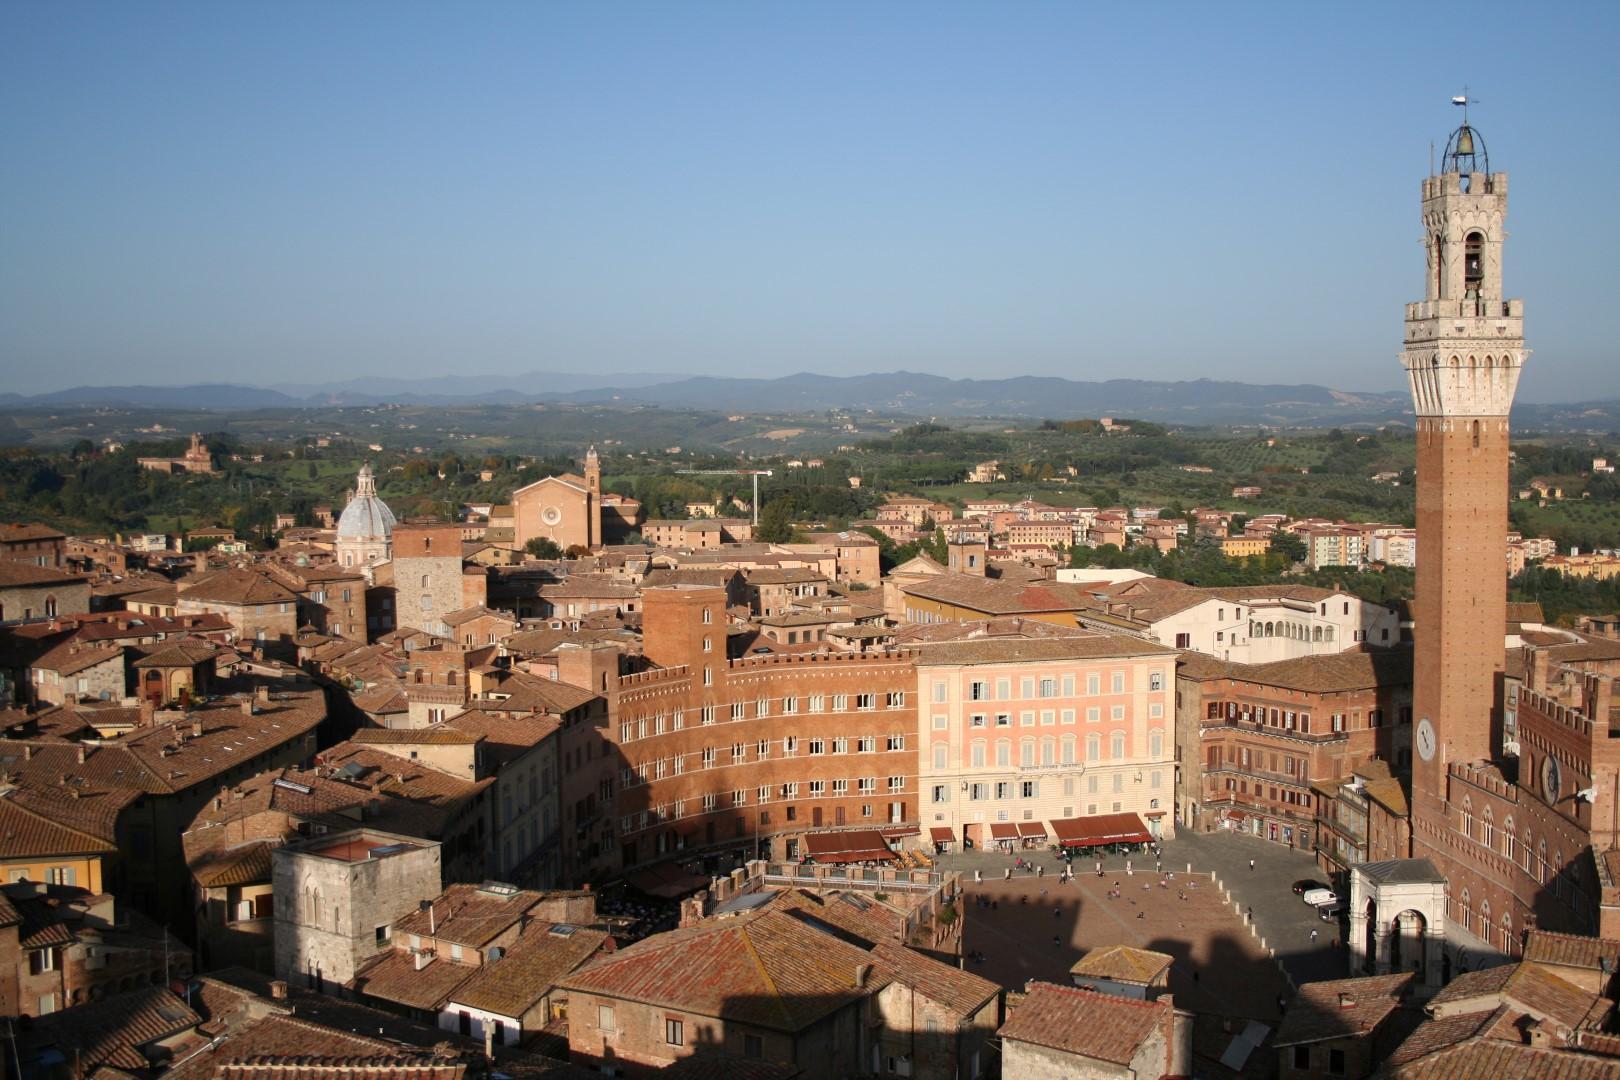 Dieci tappe per scoprire il fascino di Siena